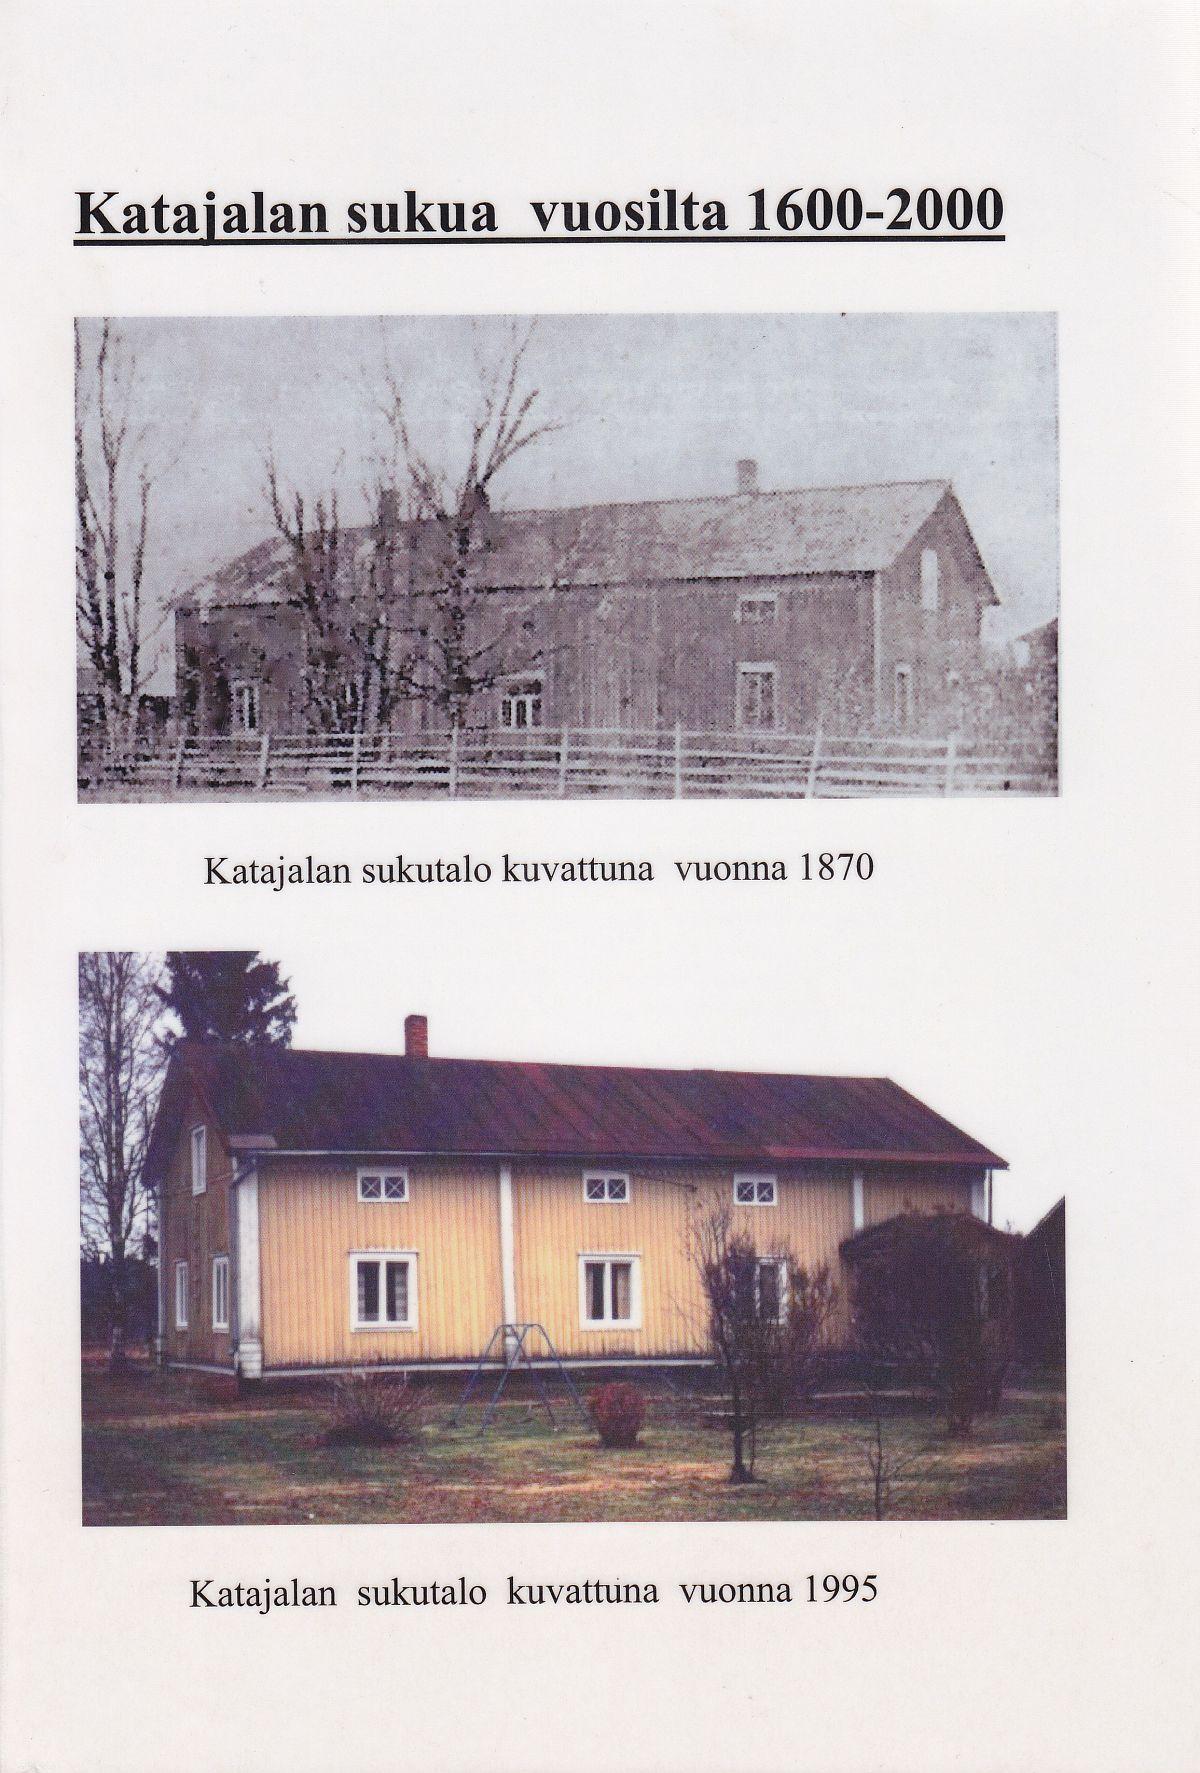 Seppo Kiviojan toeksen Katajalan sukua vuosilta 1600-2000 kannessa suvun kotitalo